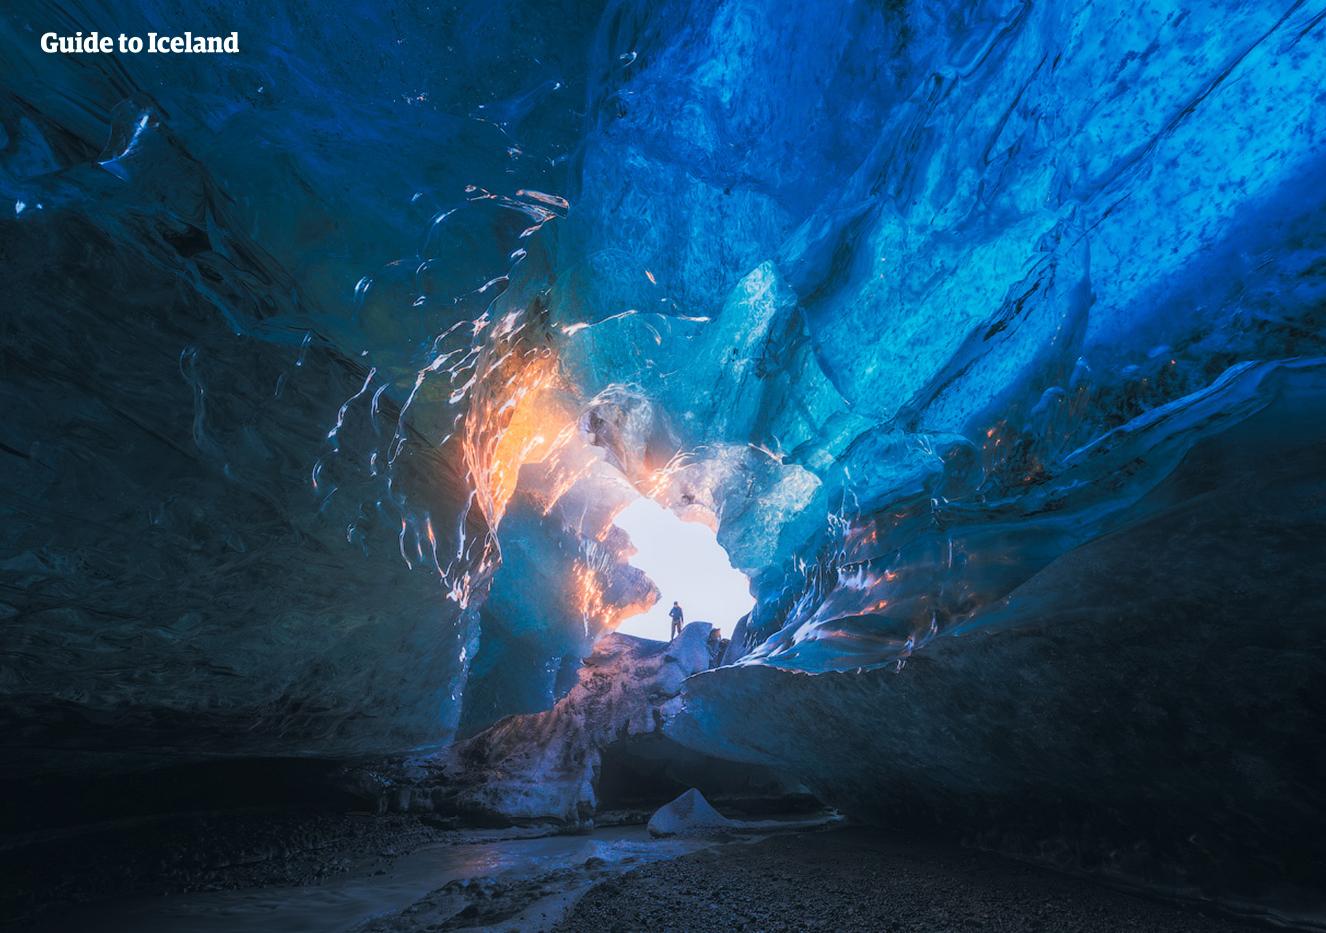 아이슬란드 바트나요쿨 빙하 속 신비로의 세상, 얼음동굴.